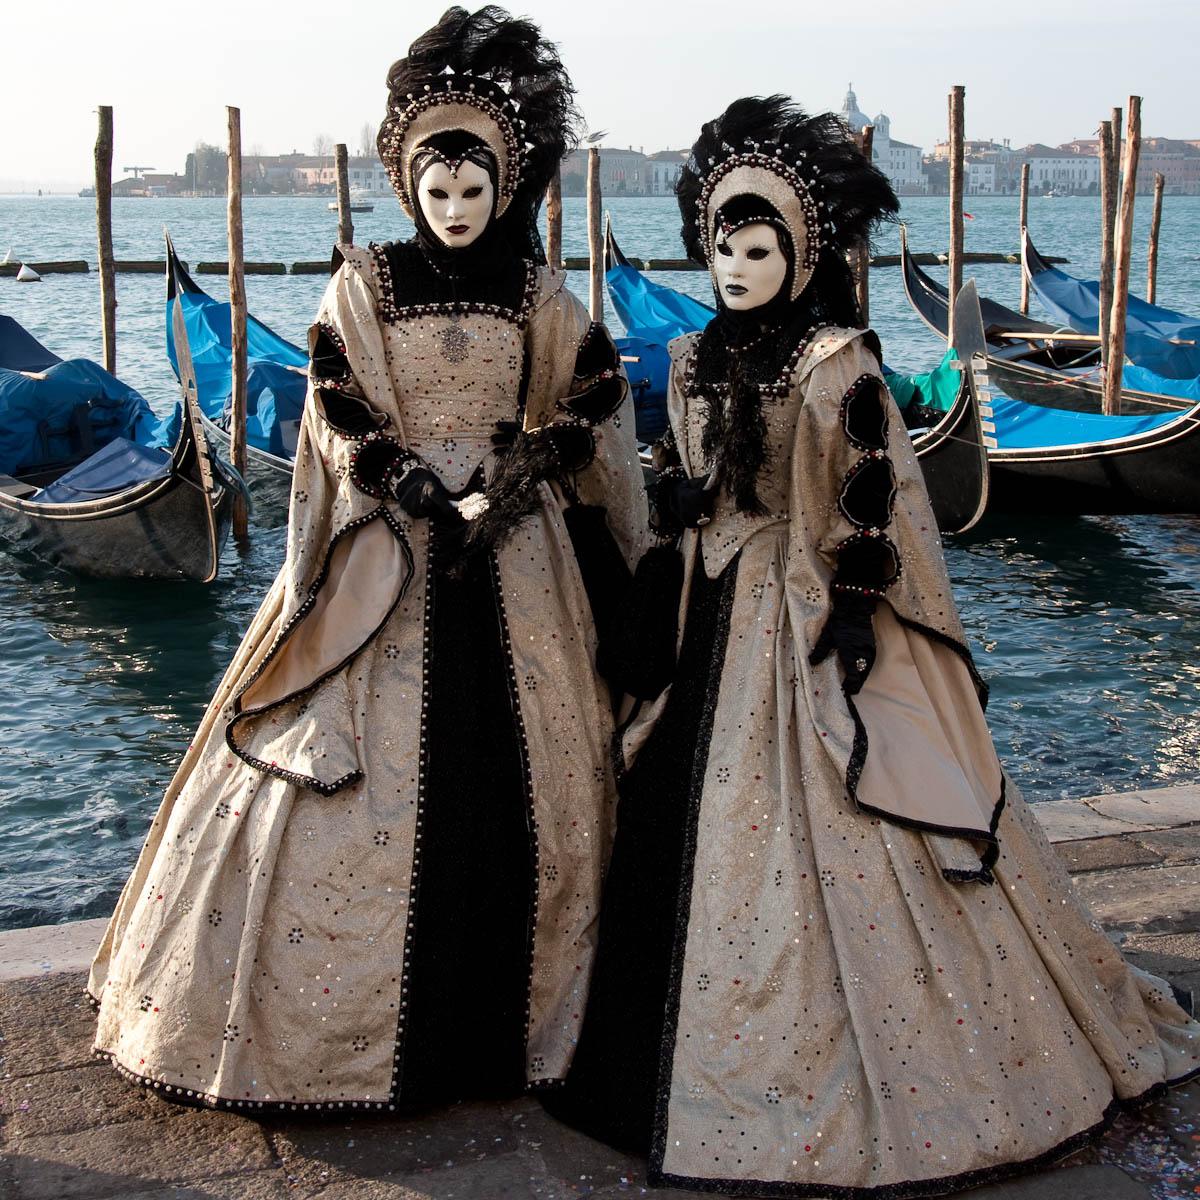 Masks with gondolas, Venice Carnival 2011, Venice, Veneto, Italy